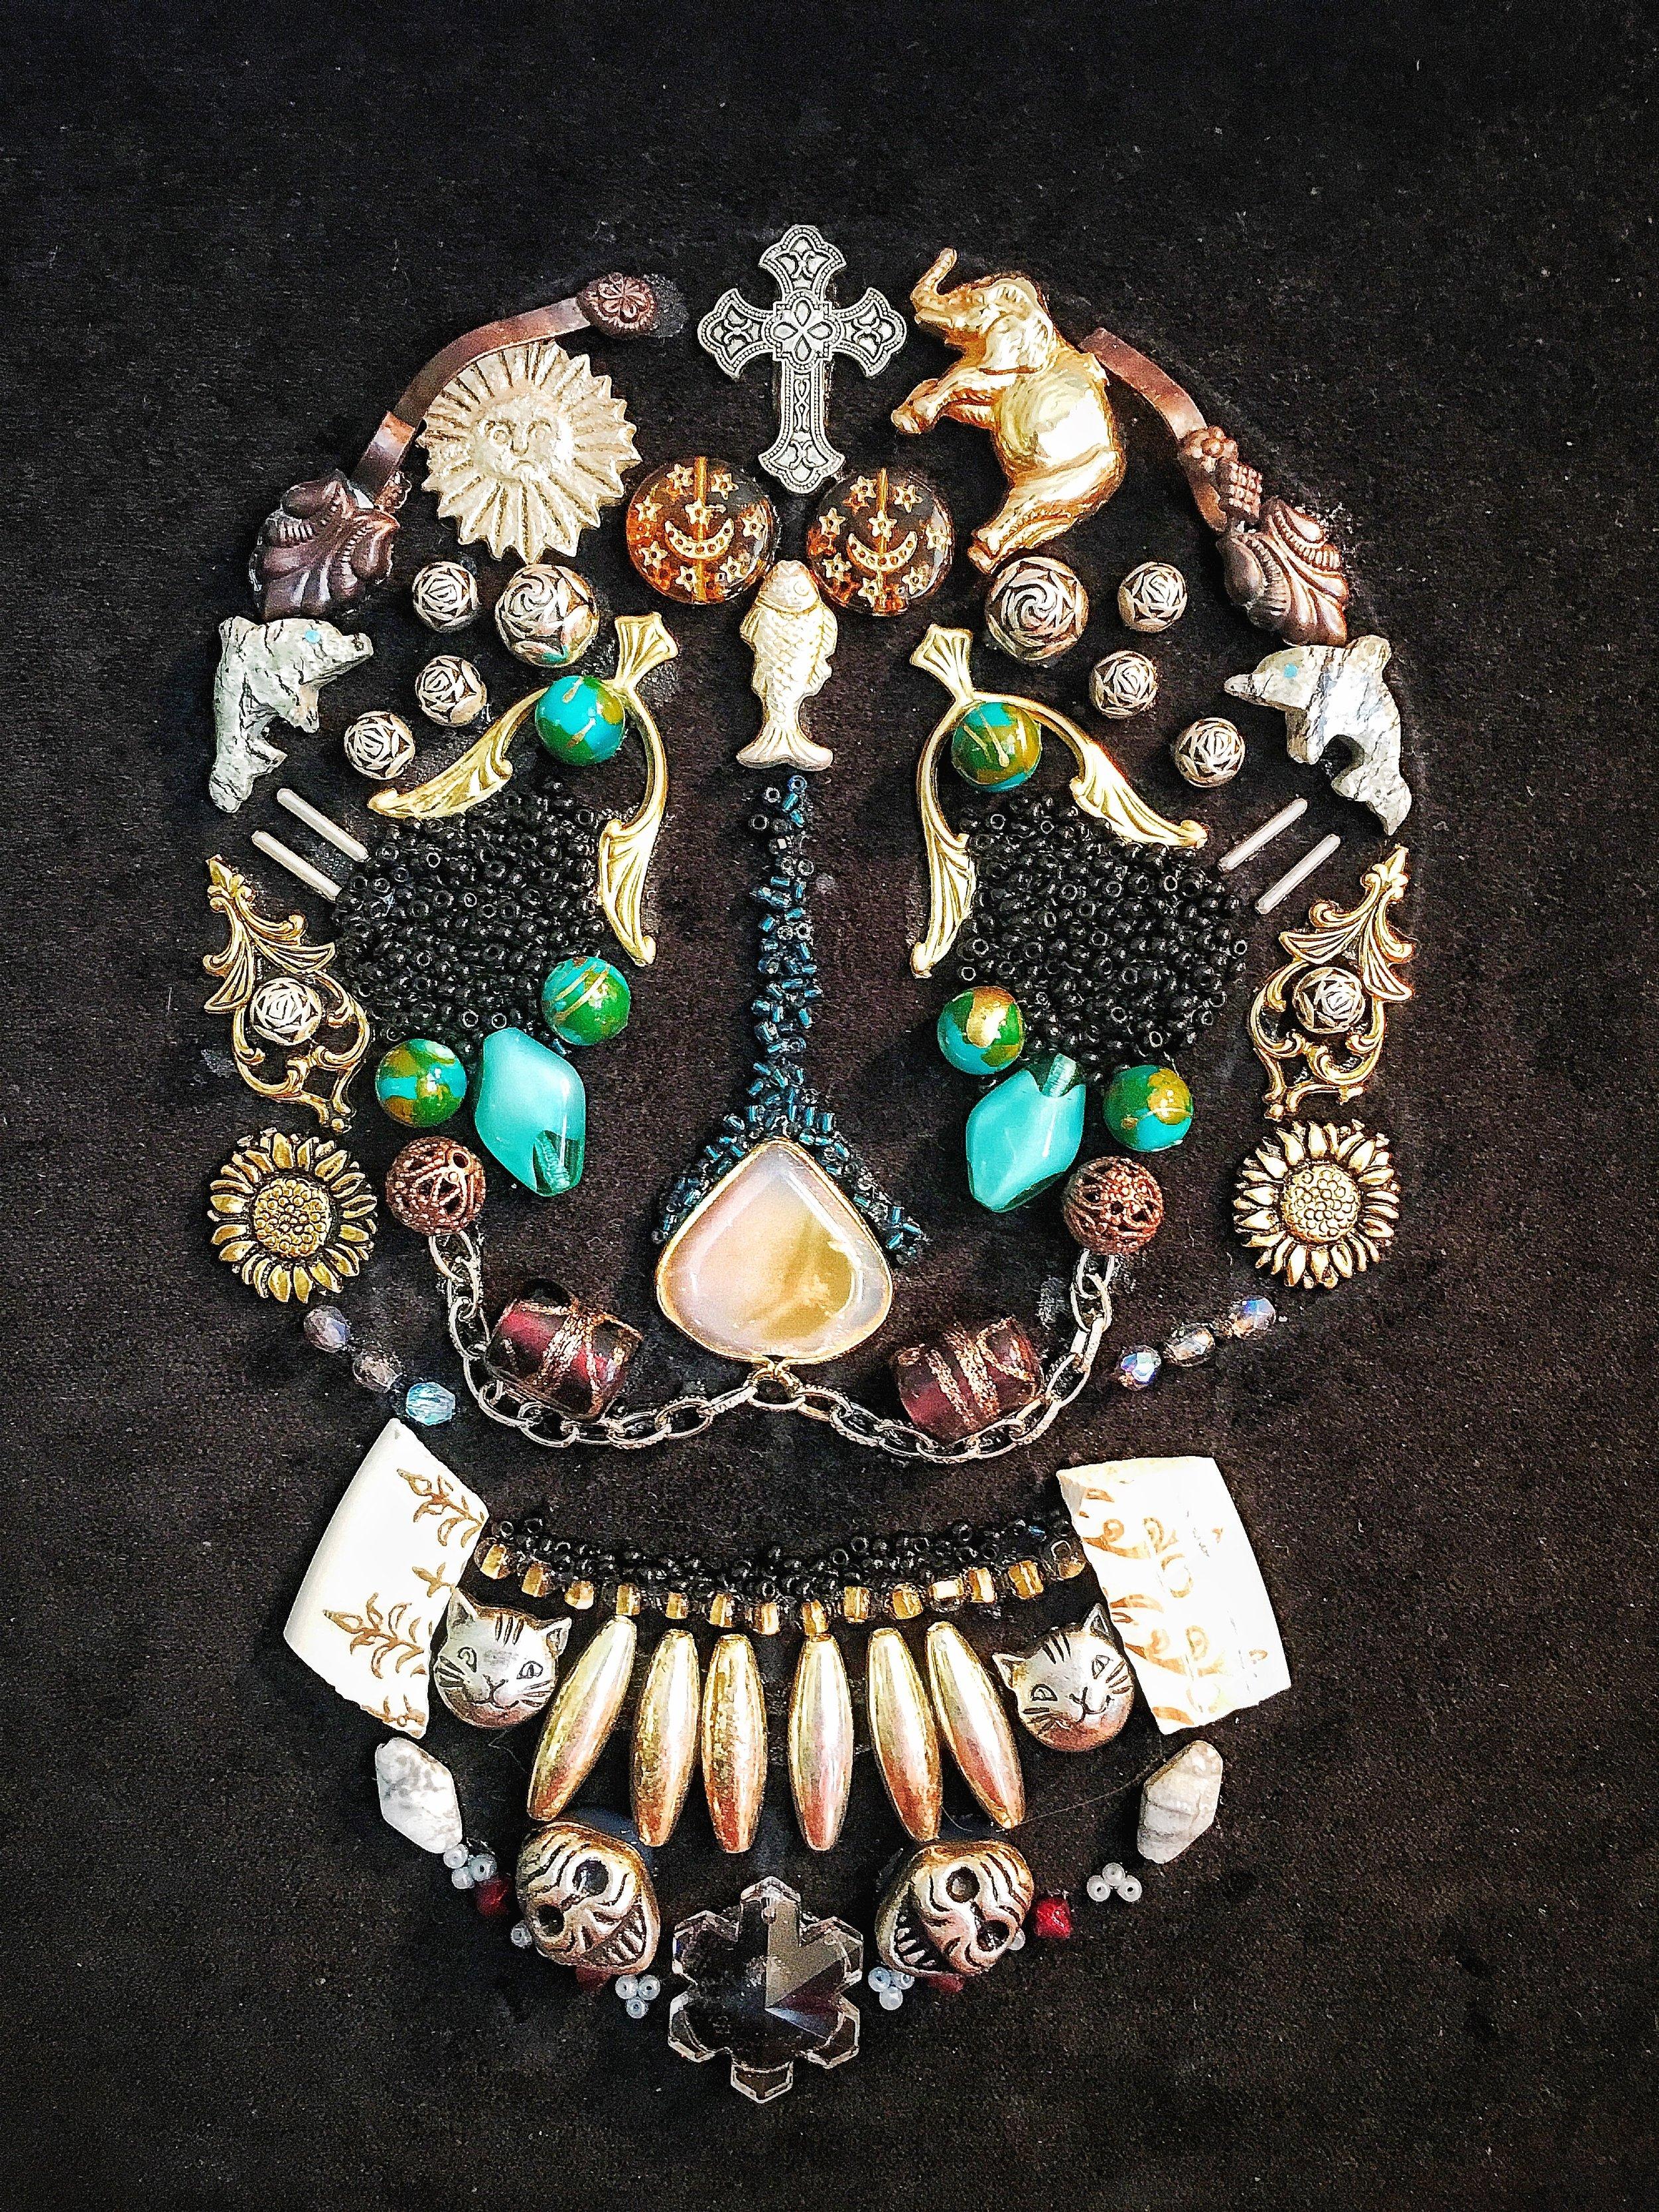 10 x 10  Jewelry collage on velvet.